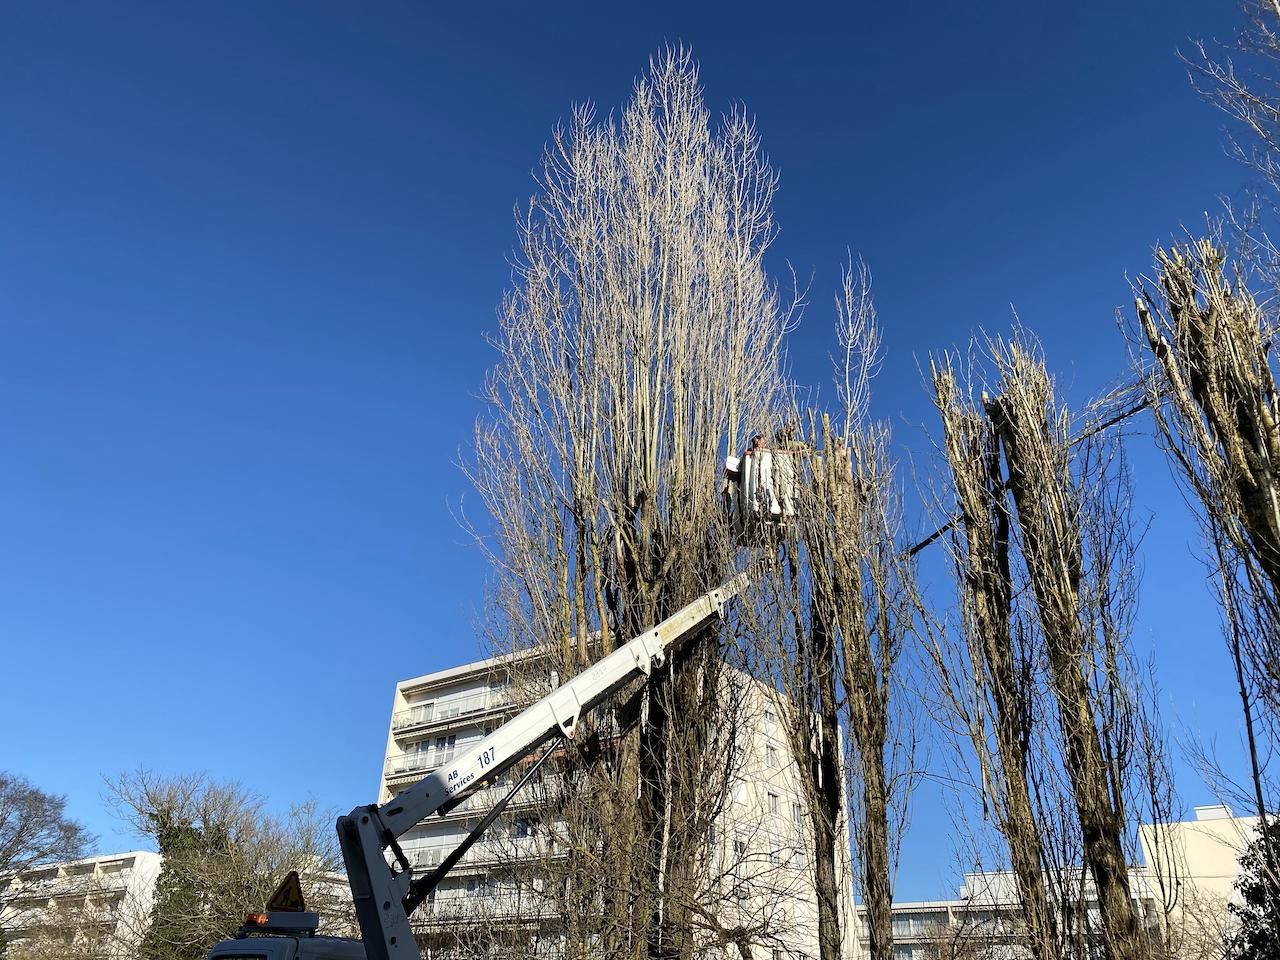 élagage arbres avec nacelle